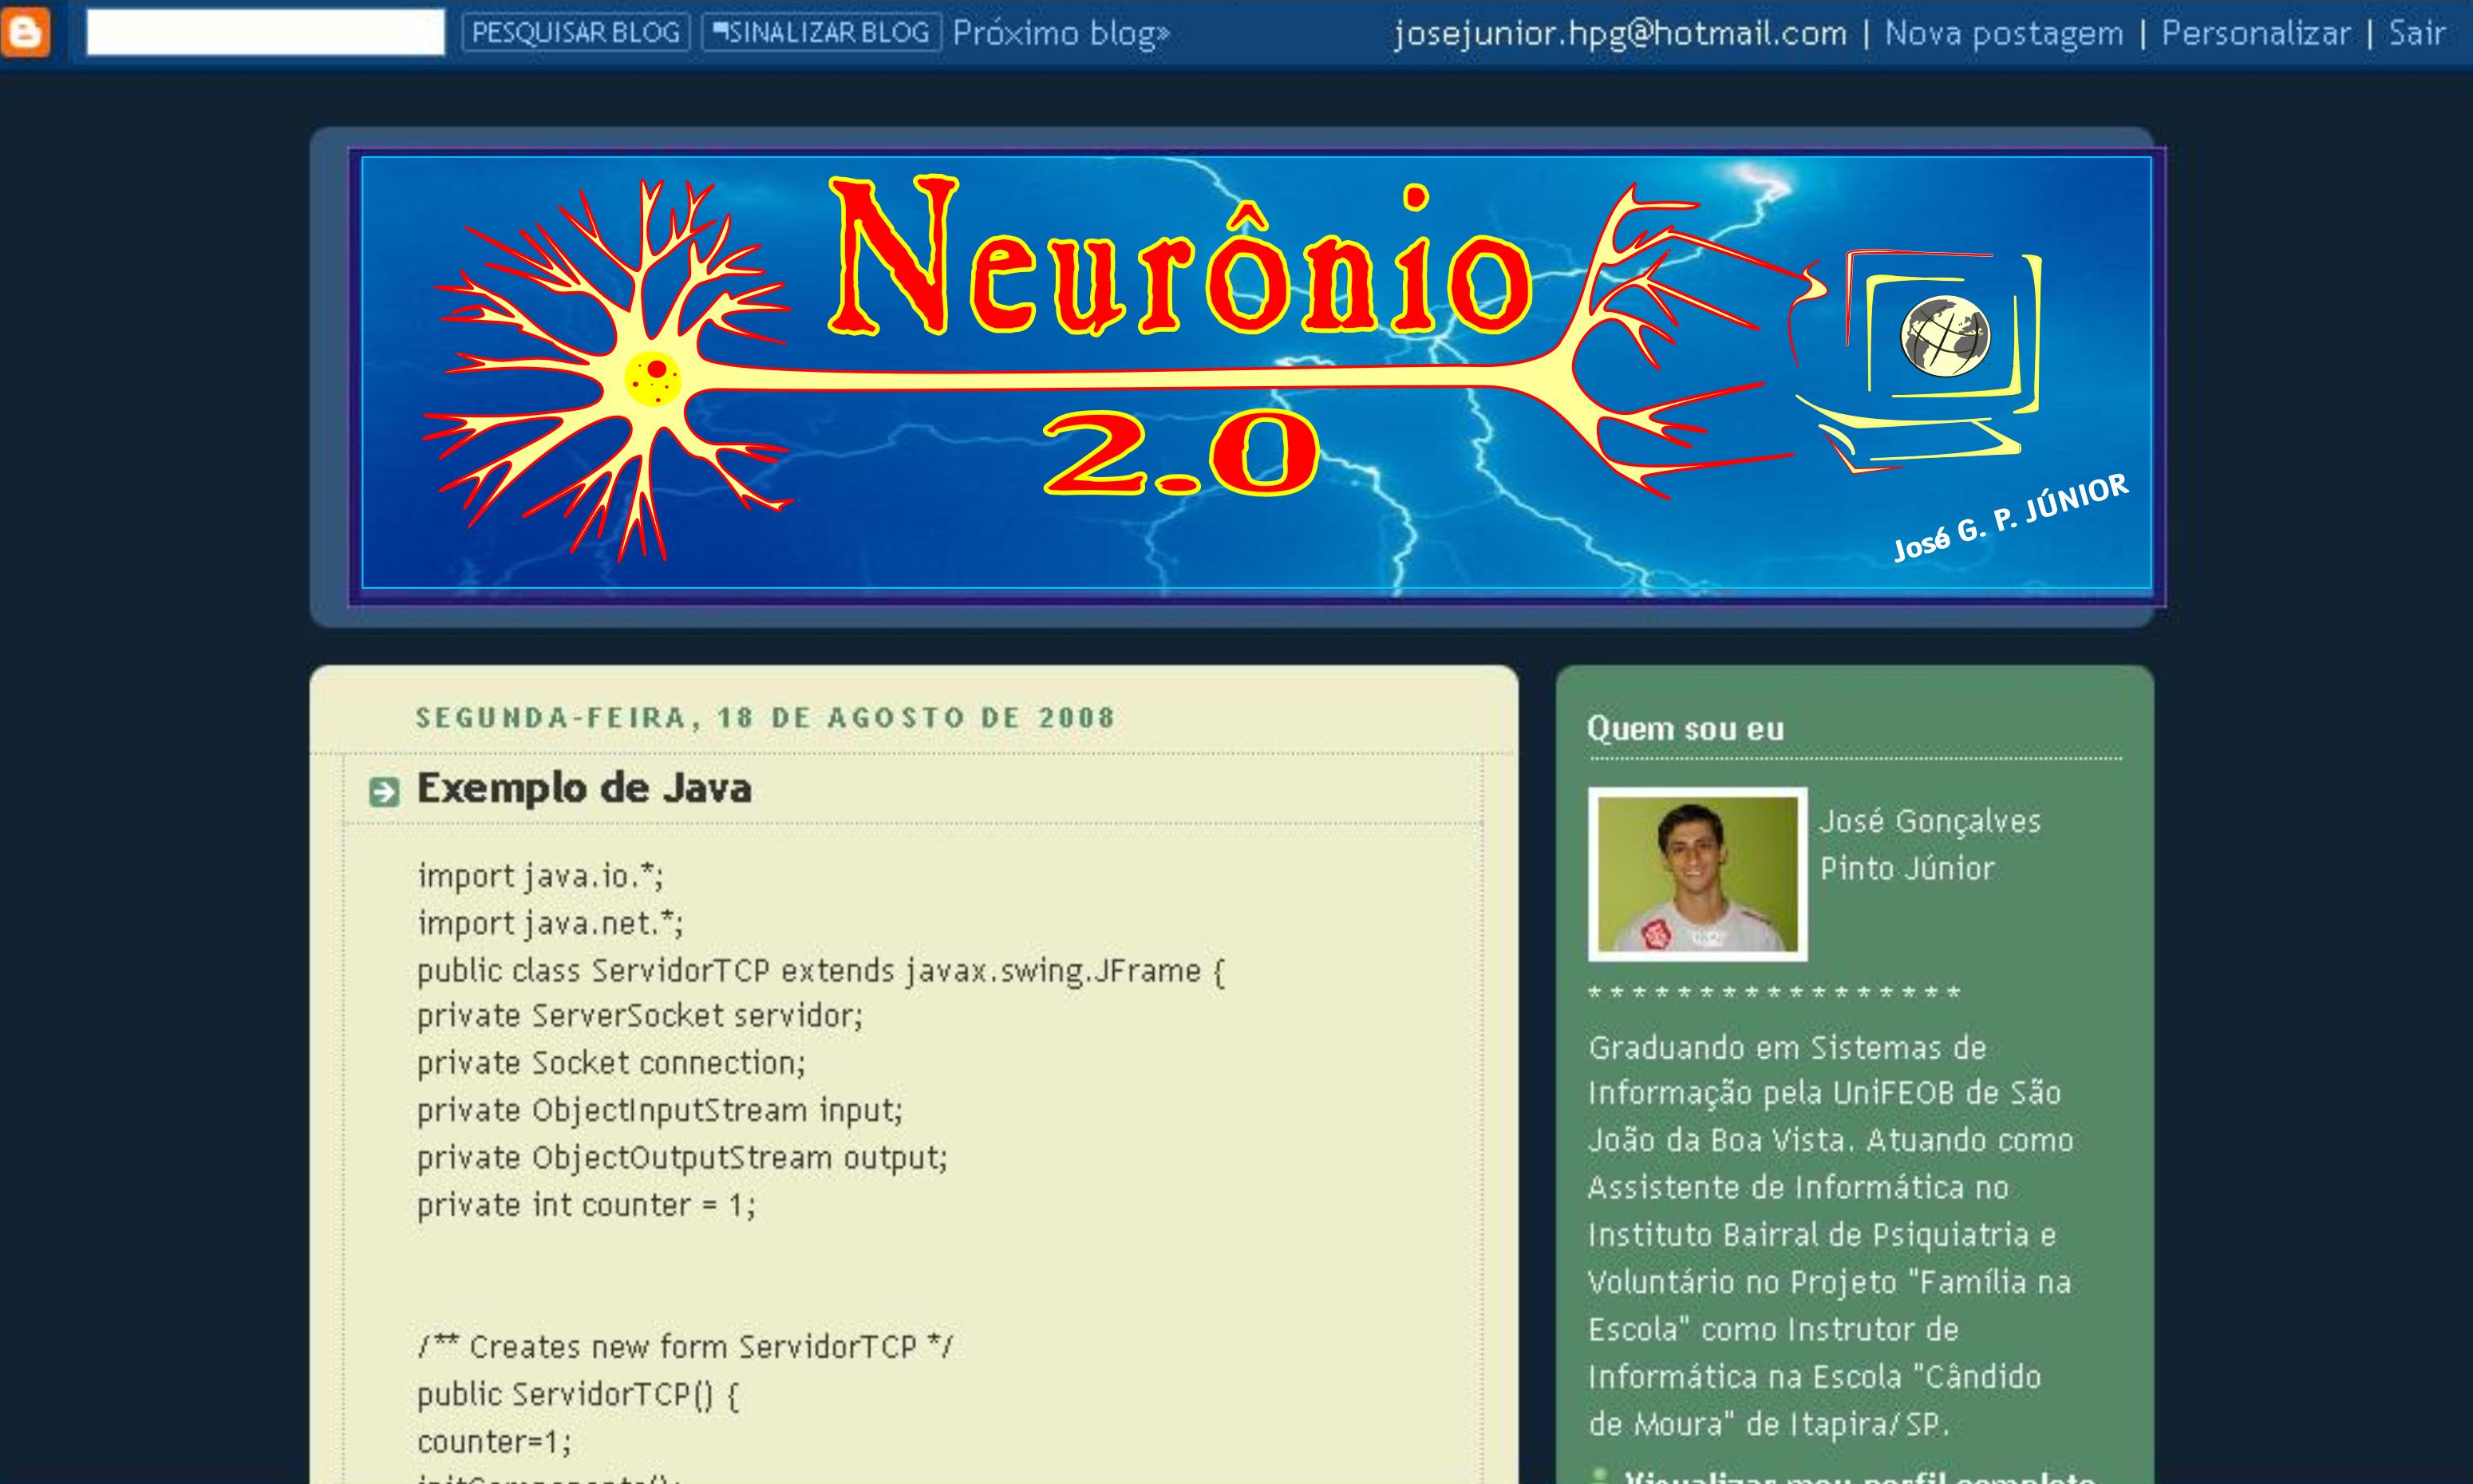 Blog Neurônio 2.0 - Primeira Versão